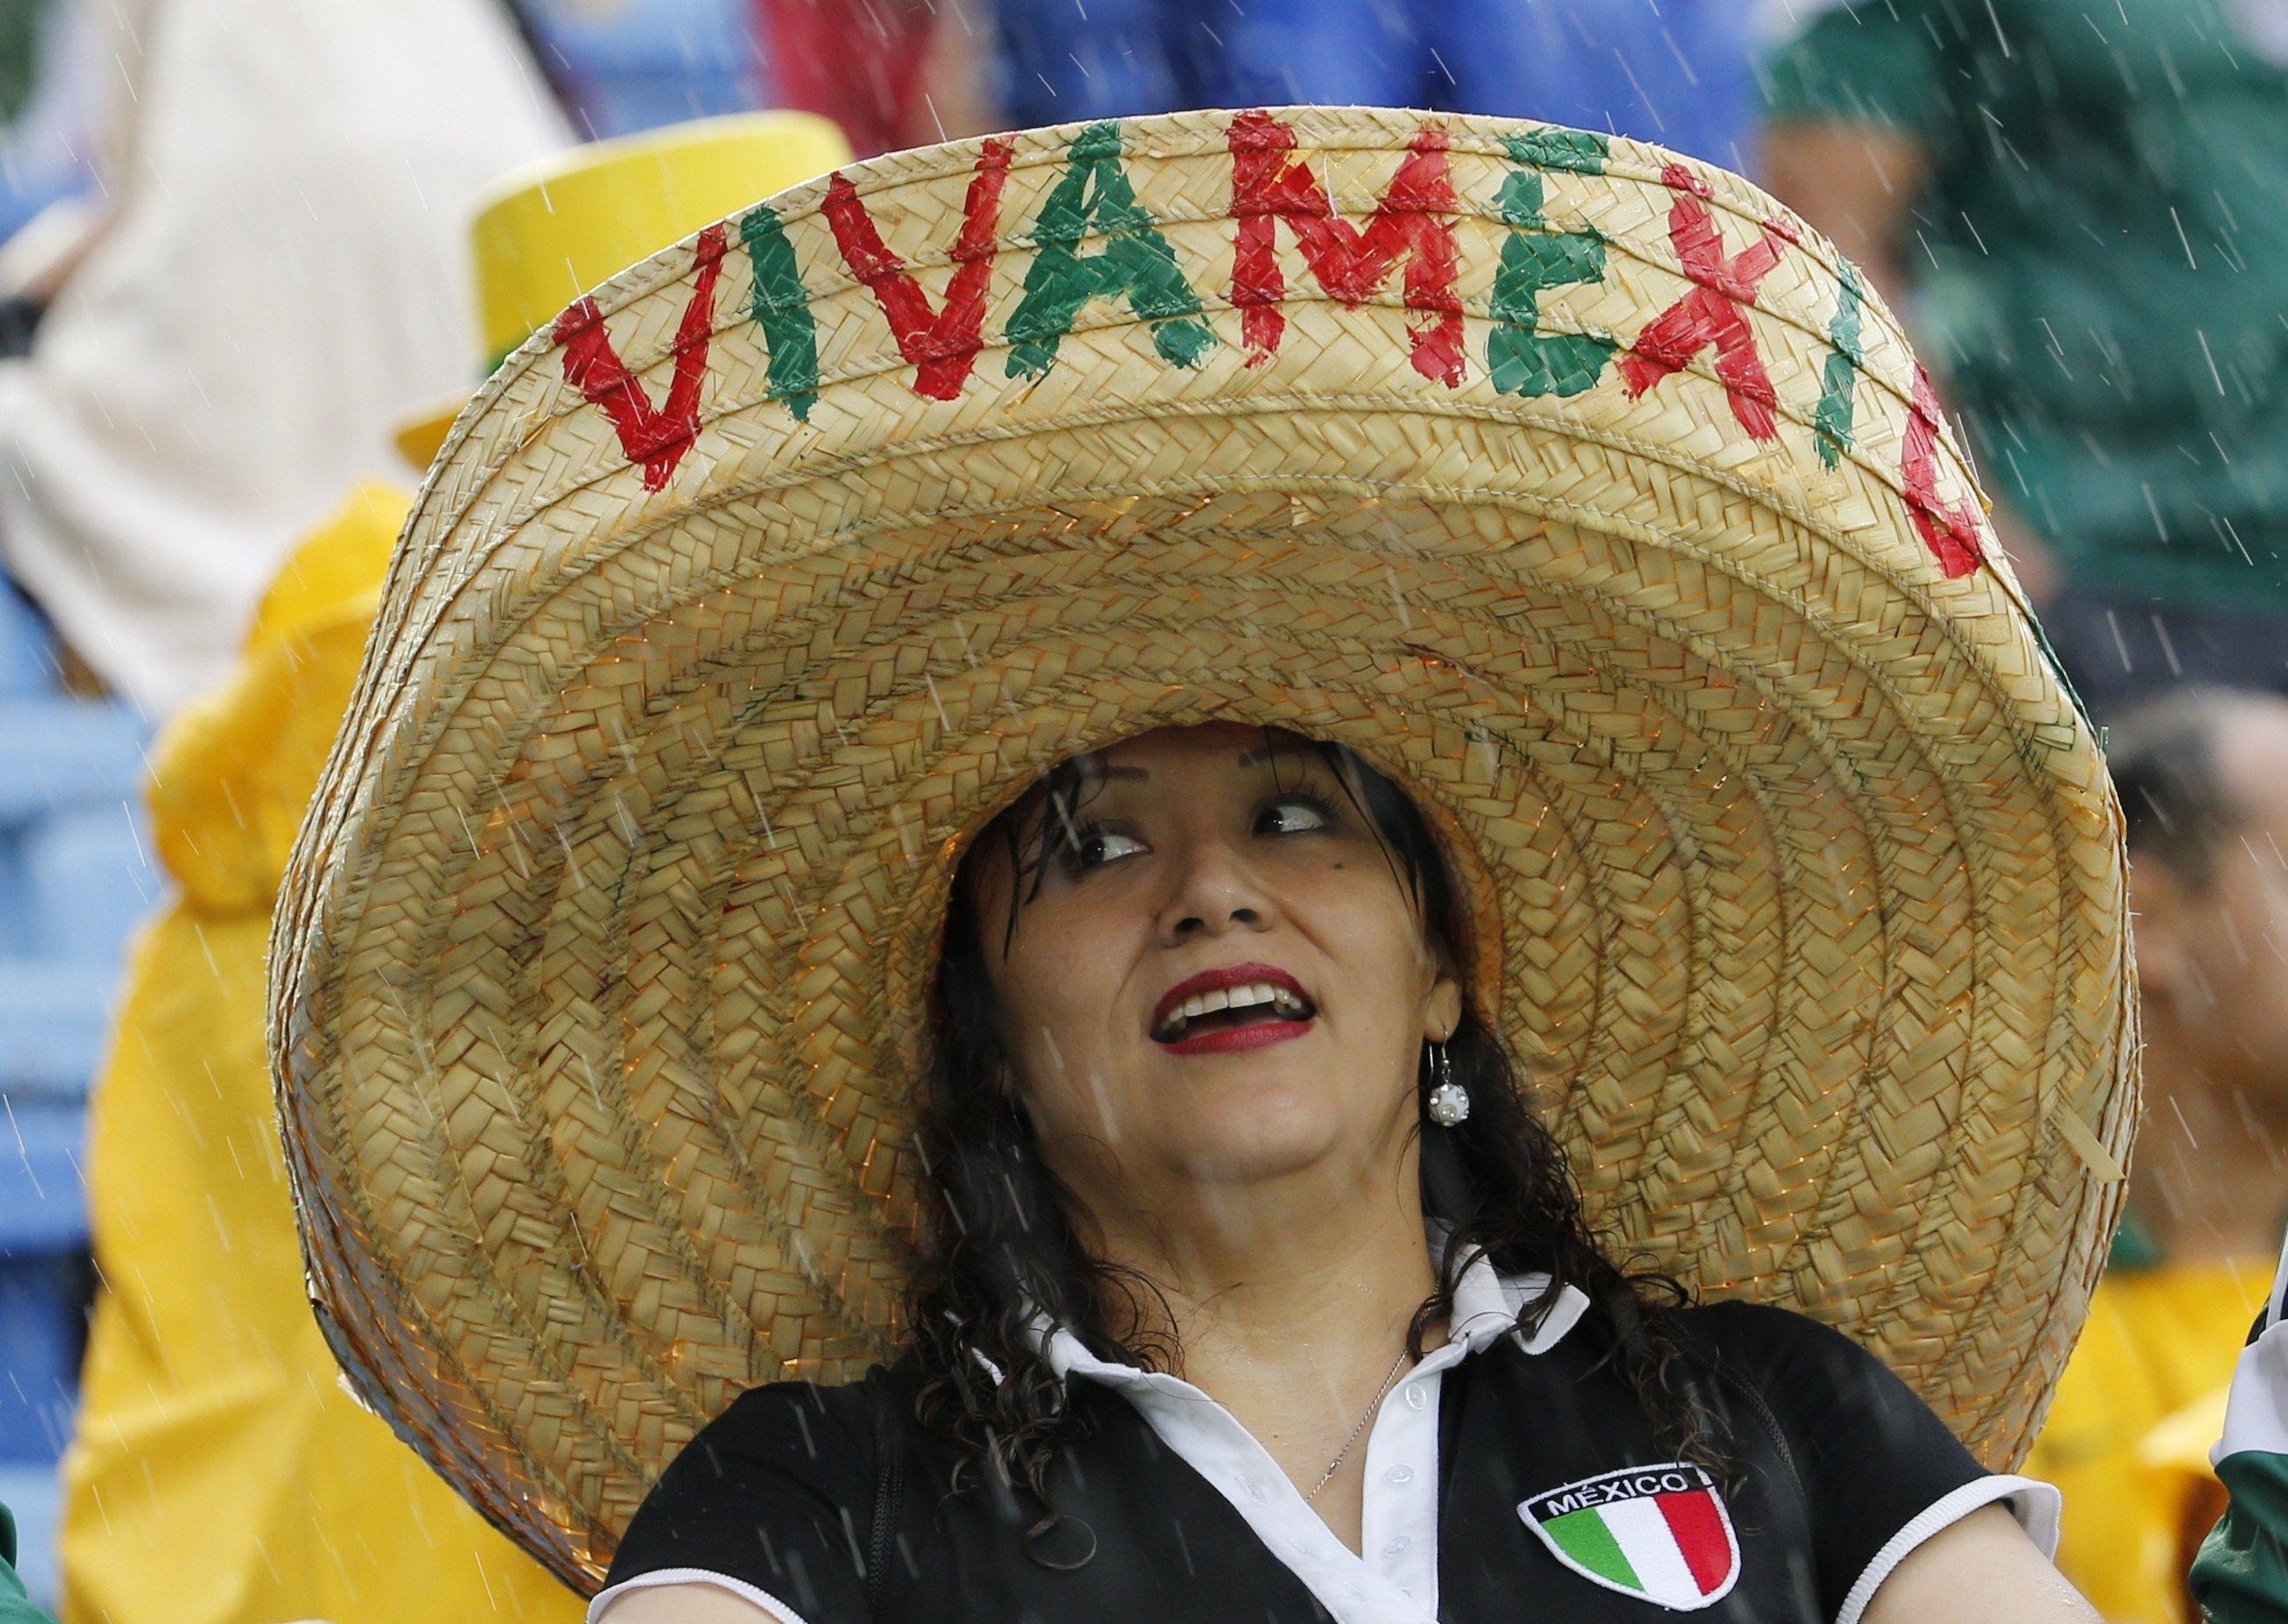 Прикольные картинки мексика